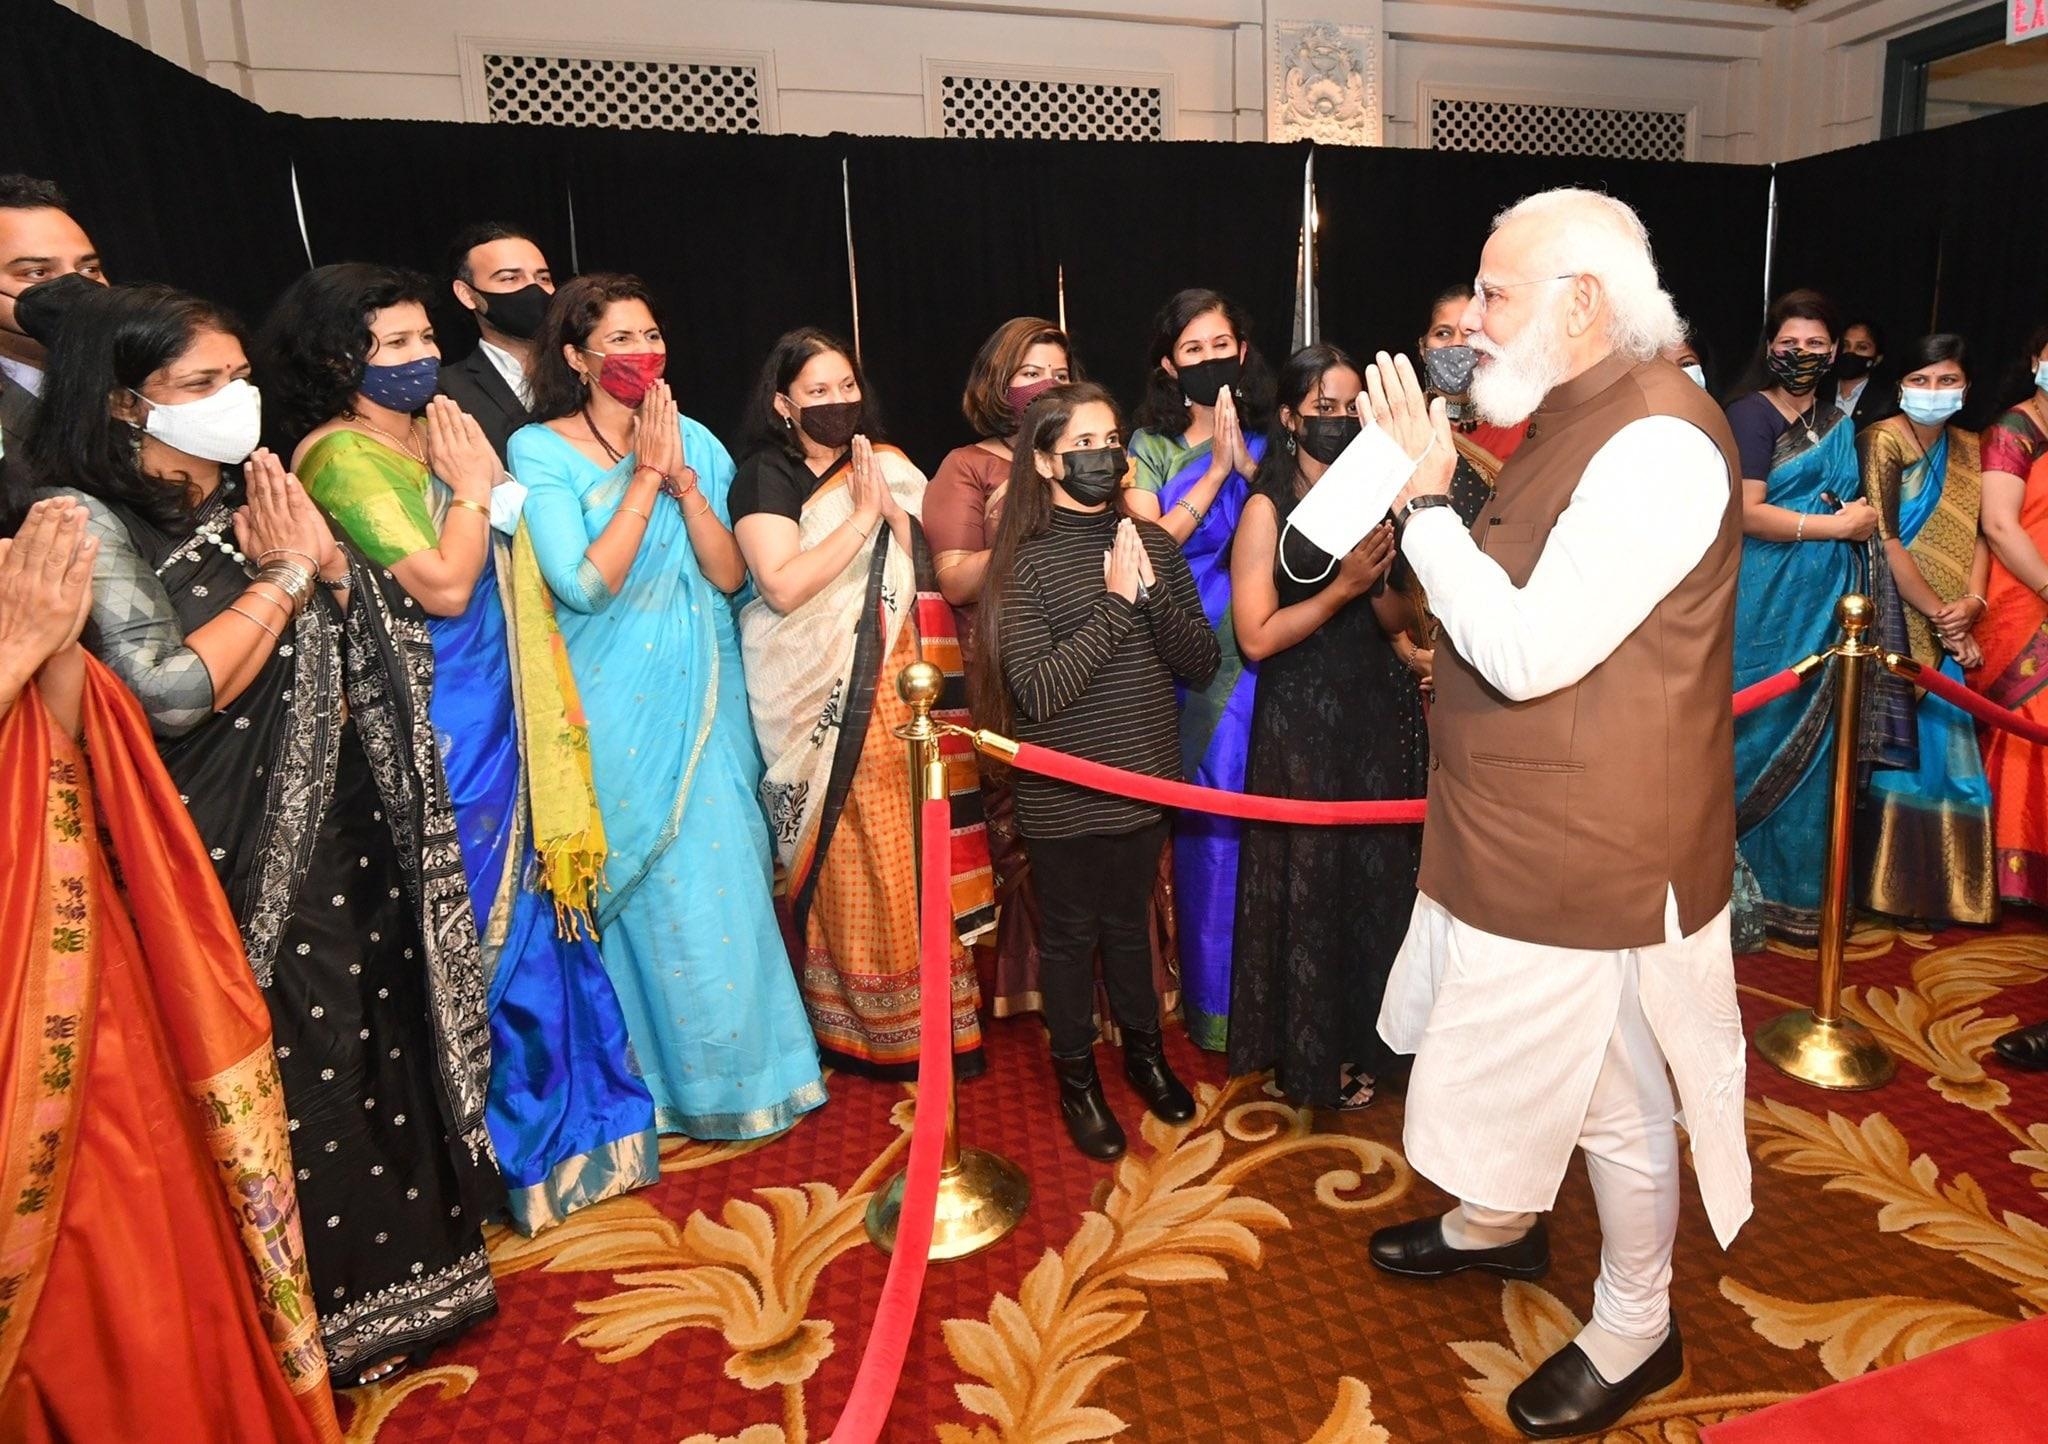 प्रधानमंत्री नरेंद्र मोदी भारतीय समयानुसार गुरुवार सुबह अमेरिका पहुंचे. इस दौरान हवाई अड्डे पर भारतीय समुदाय ने उनका जोरदार स्वागत किया. पीएम ने दुनिया भर में अपनी अलग पहचान बनाने के लिए प्रवासी भारतीयों की सराहना की.